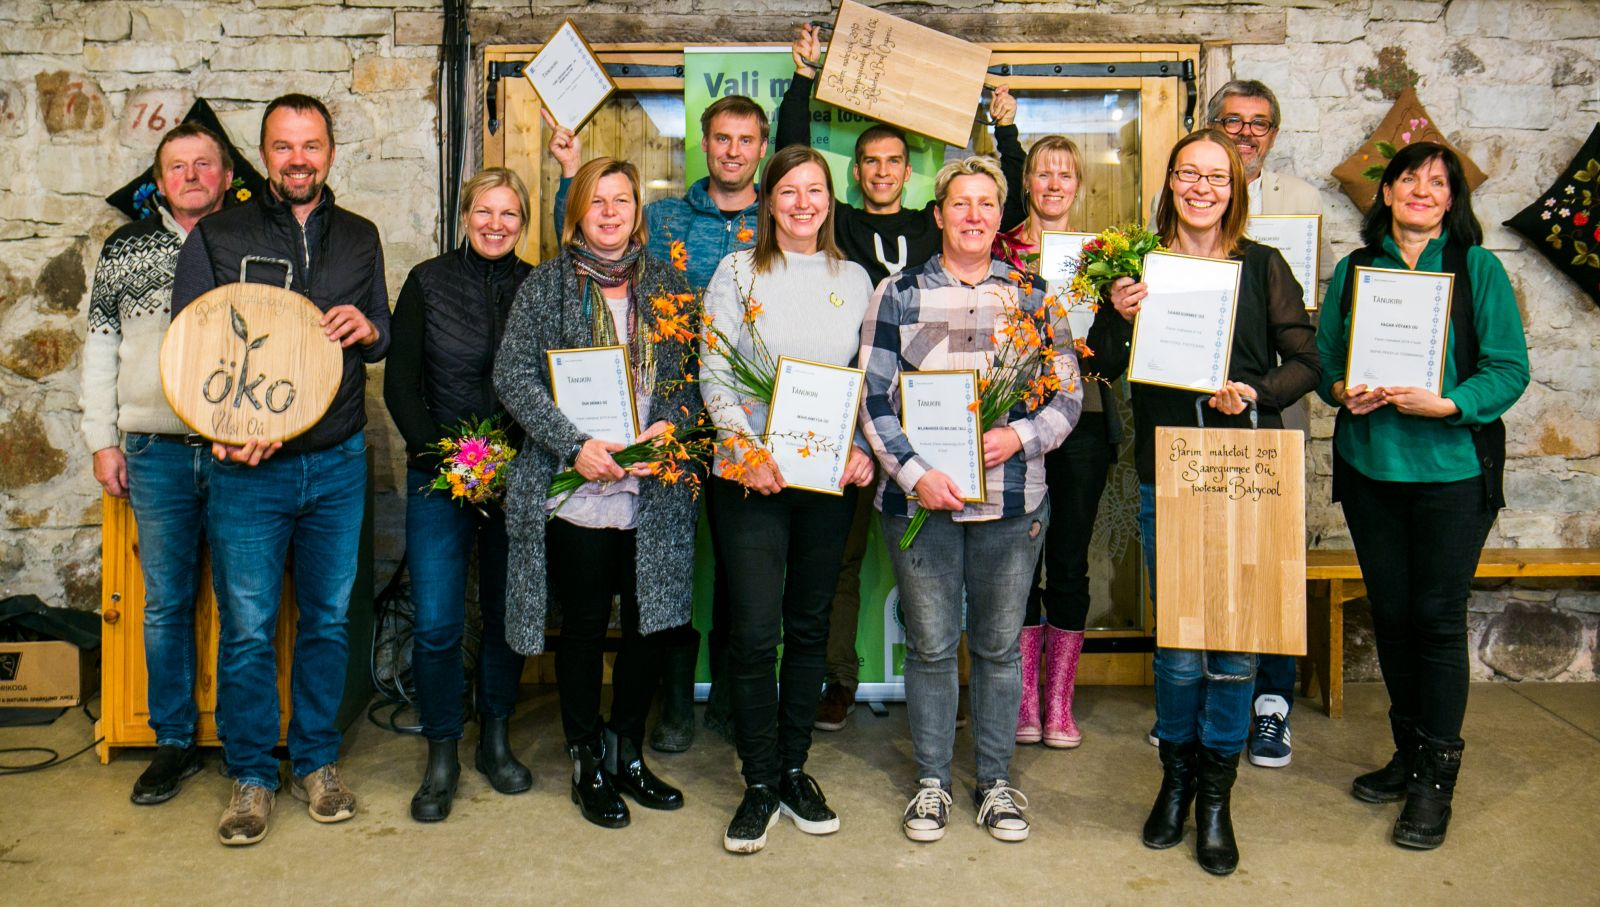 2019. a konkursil tunnustuse pälvinud maheettevõtjad. Foto: Lauri Laan